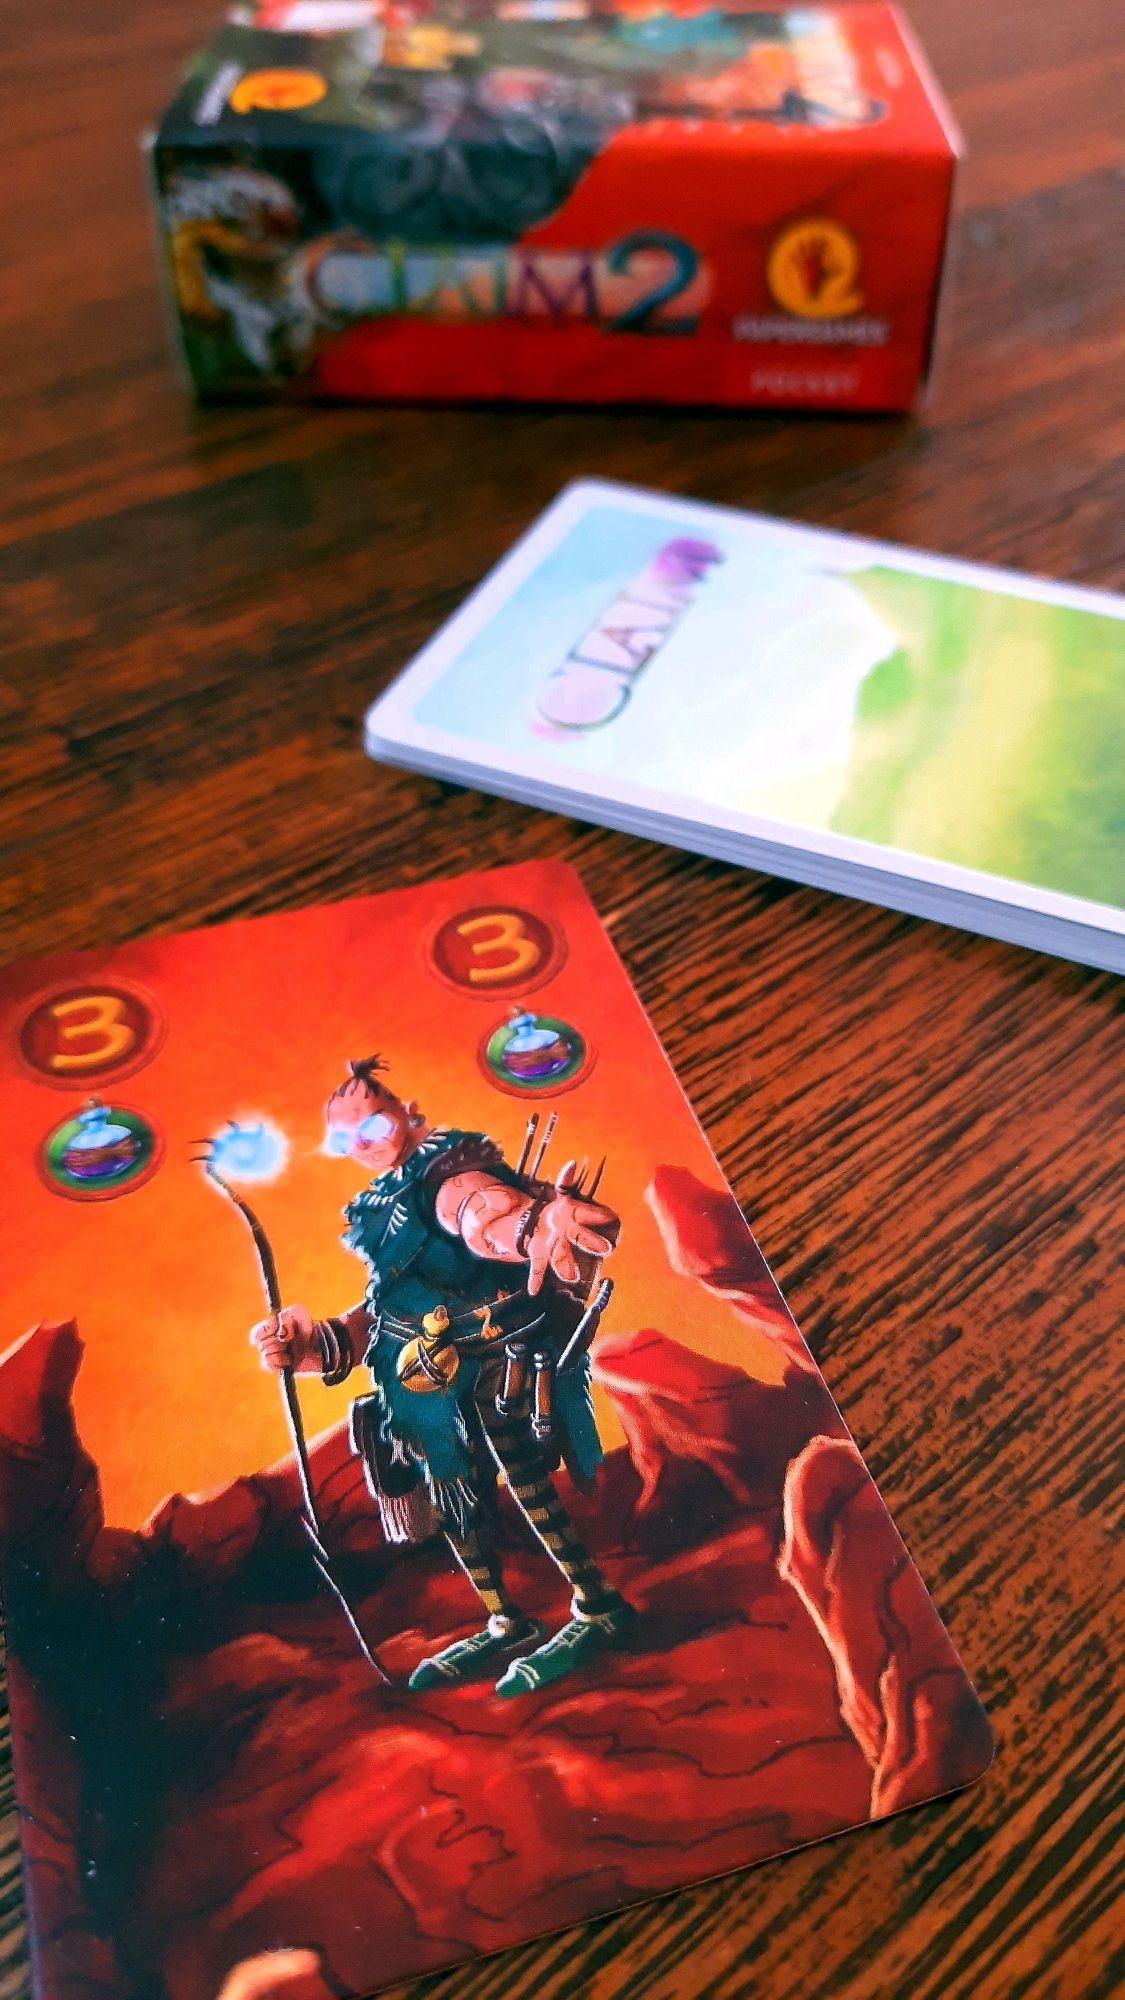 Claim Dispute O Trono Em Partidas Divertidas Para 2 Pessoas Em 2021 Jogos De Tabuleiro Jogo De Cartas Jogos De Cartas